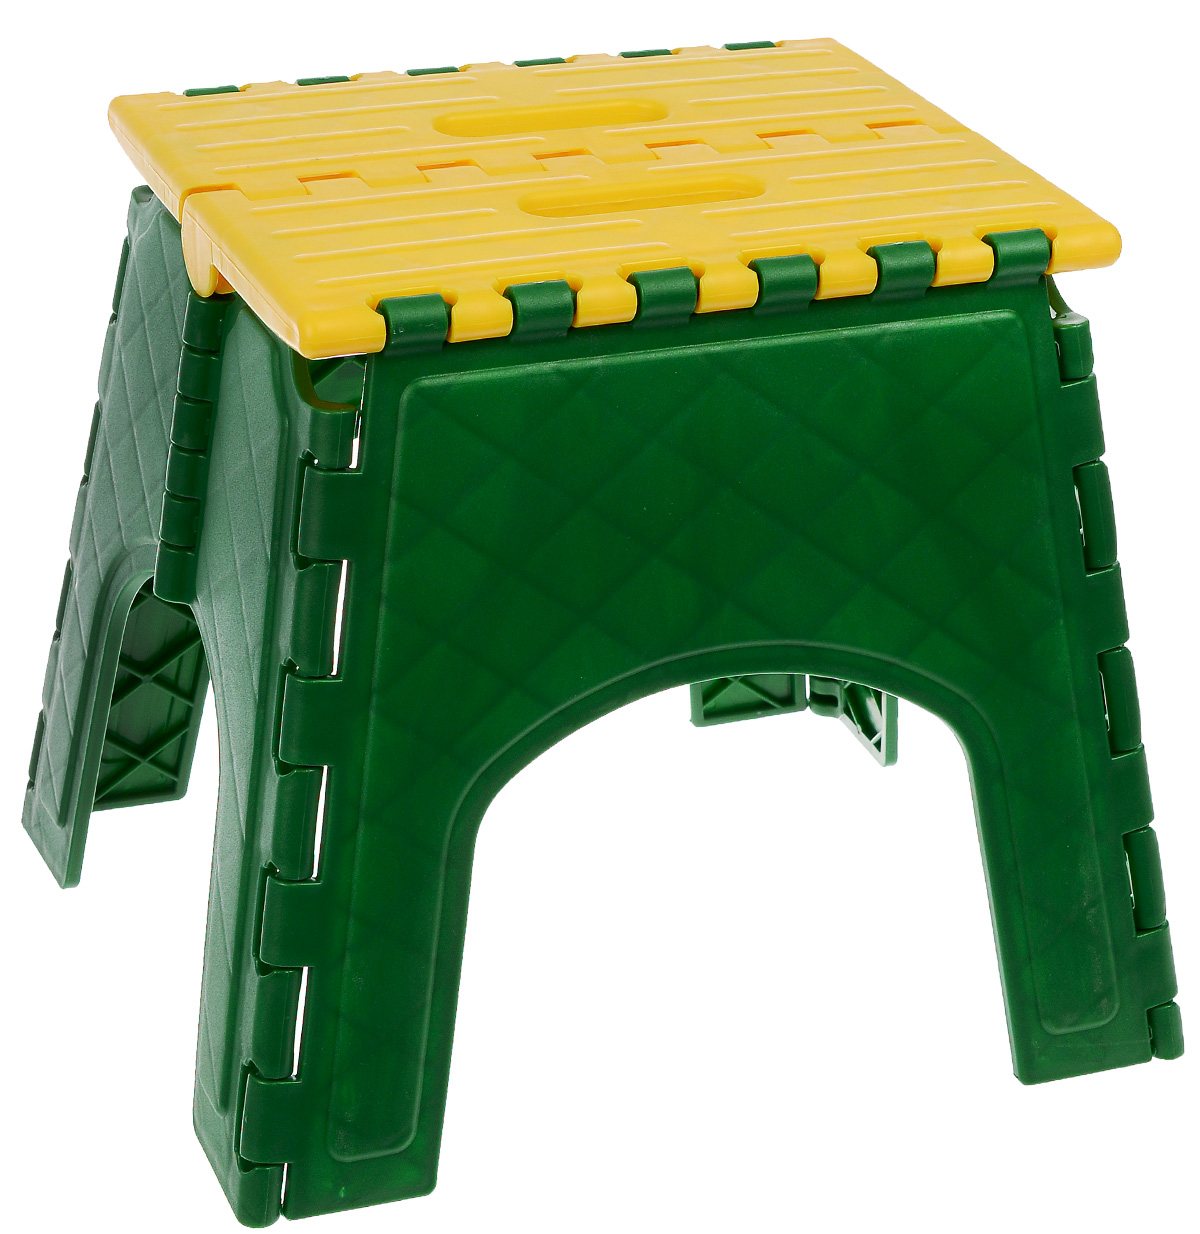 Табурет складной Idea Моби, цвет: зеленый, желтый. М 2292М 2292Складной табурет Моби выполнен из высококачественного пластика. Табурет достаточно прочен, легко собирается и разбирается и не занимает много места, поэтому подходит для транспортировки и хранения дома. Размер табурета в разложенном виде (ВхДхШ): 29 см х 29 см х 33 см. Размер табурета в сложенном виде: 41 см х 34 см х 5 см. Максимальная нагрузка: 150 кг.